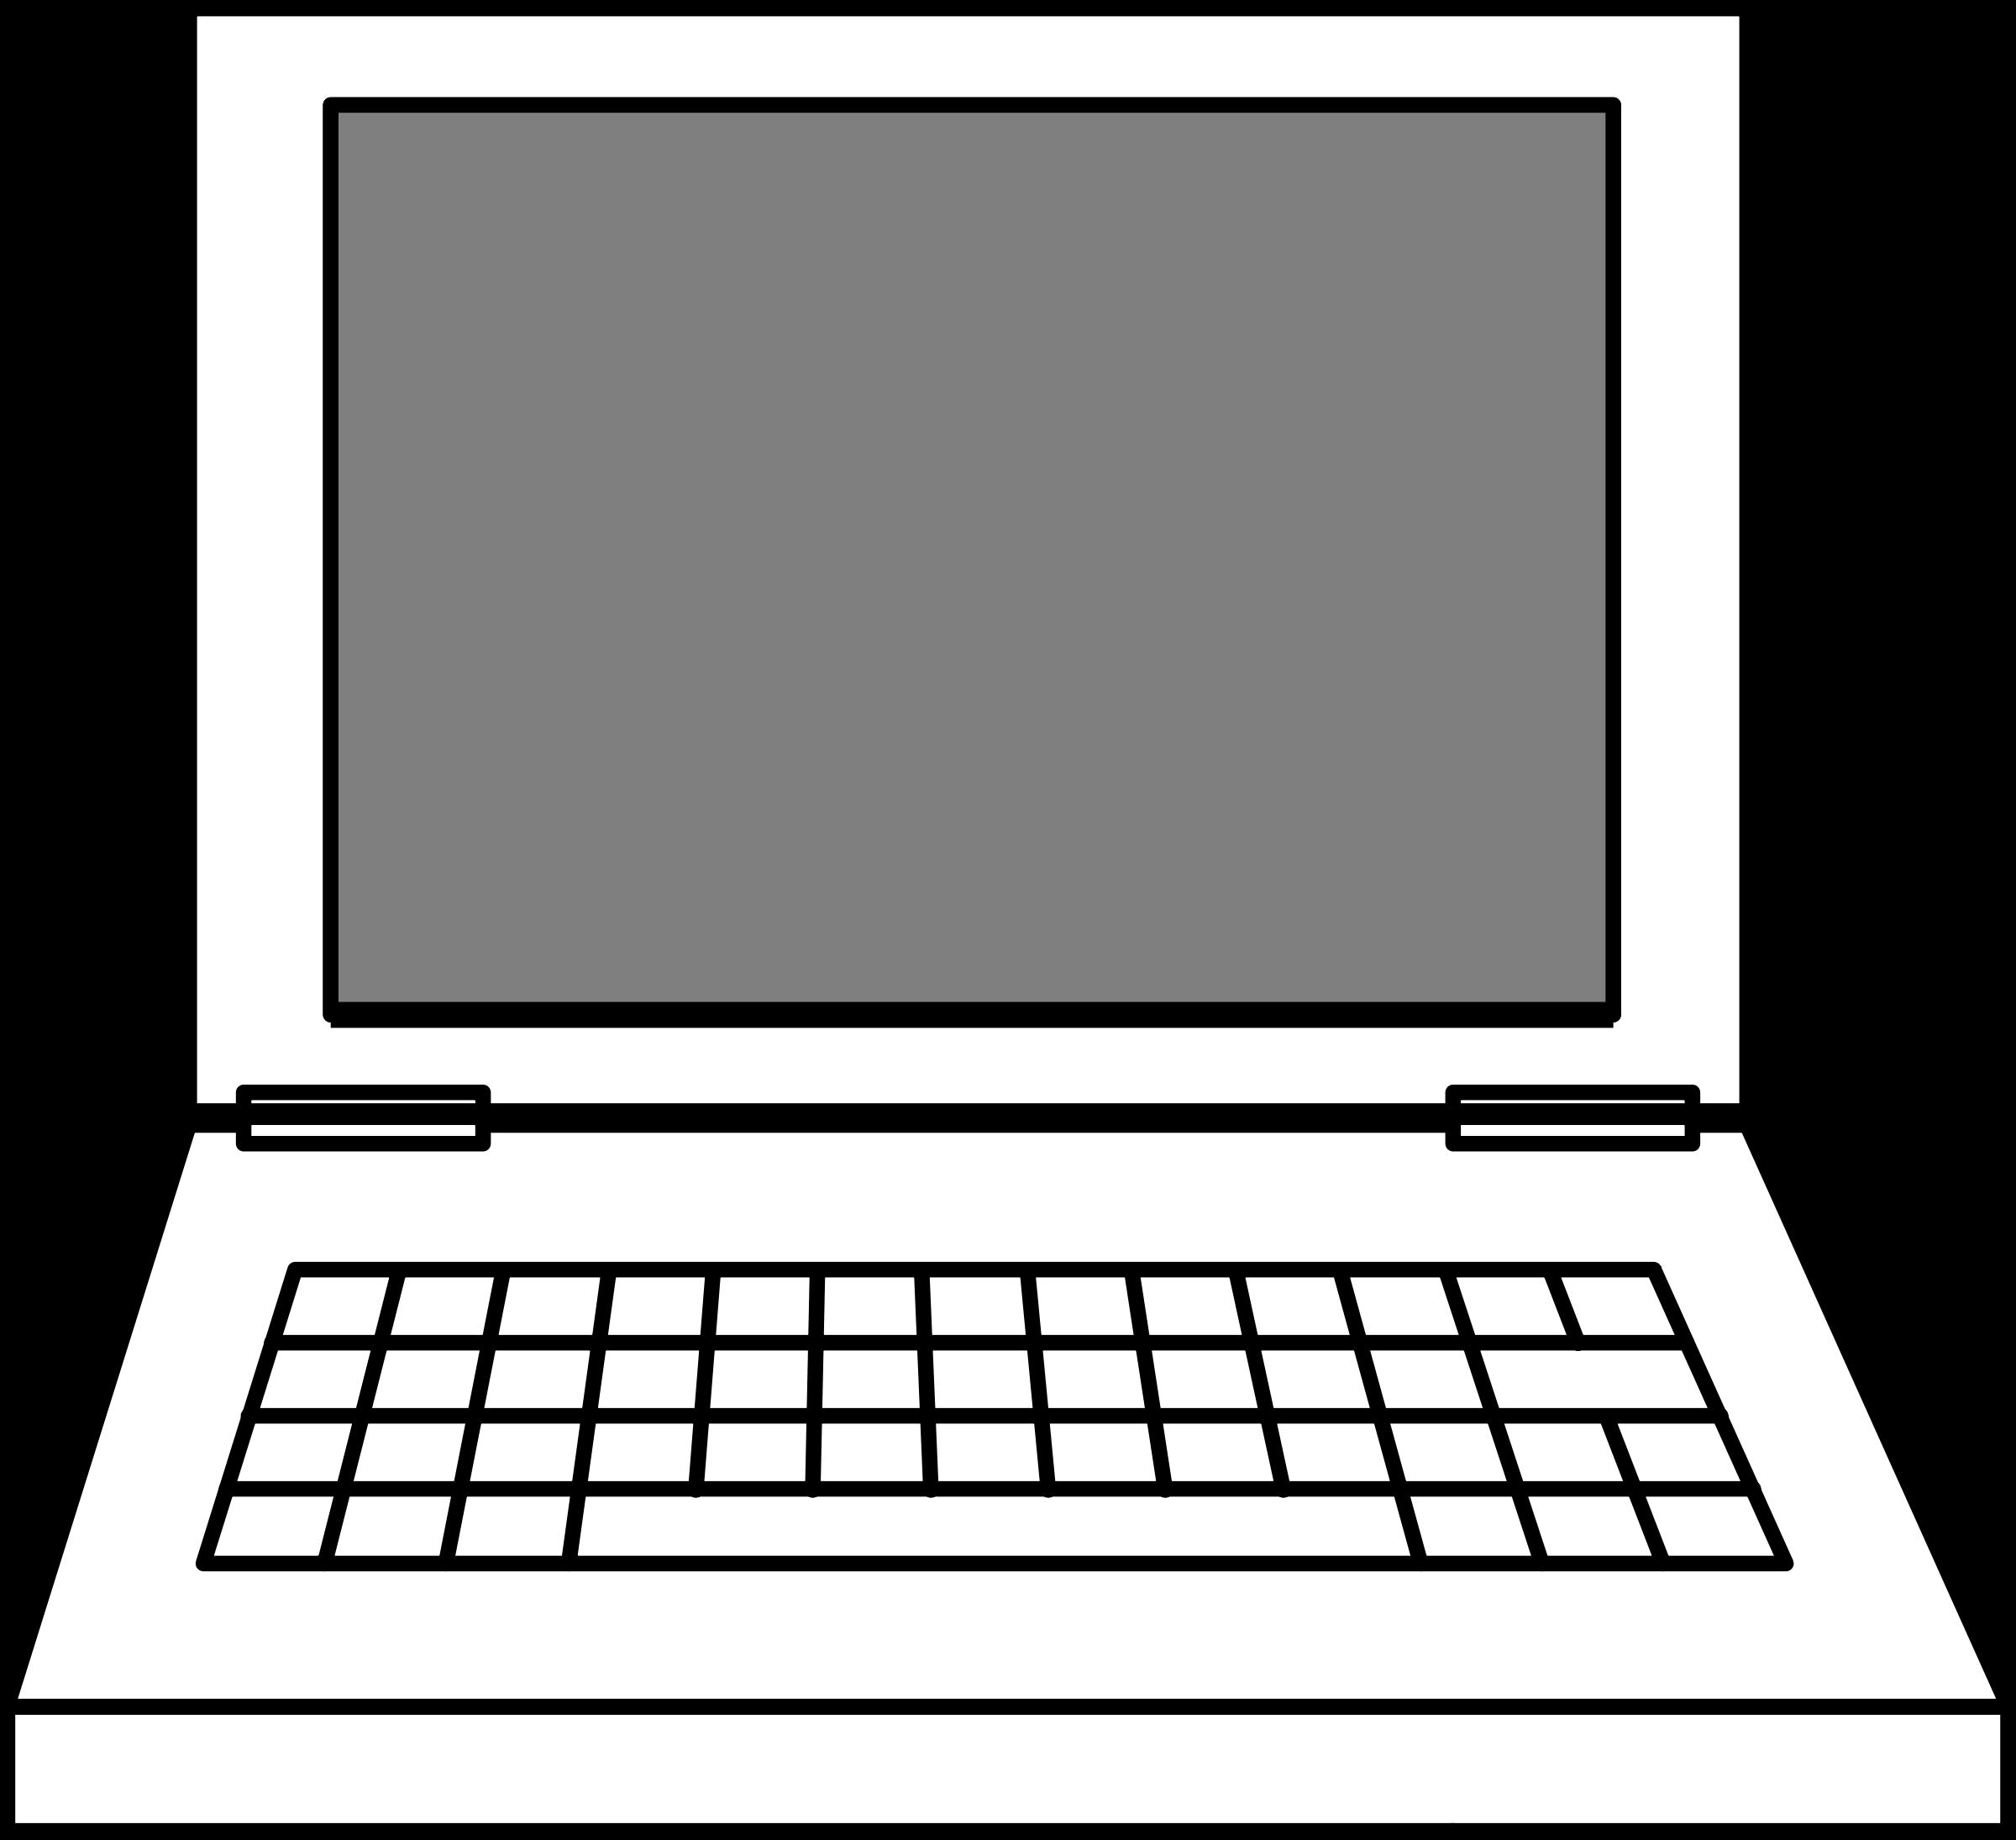 Clipart. Computer clip art outline